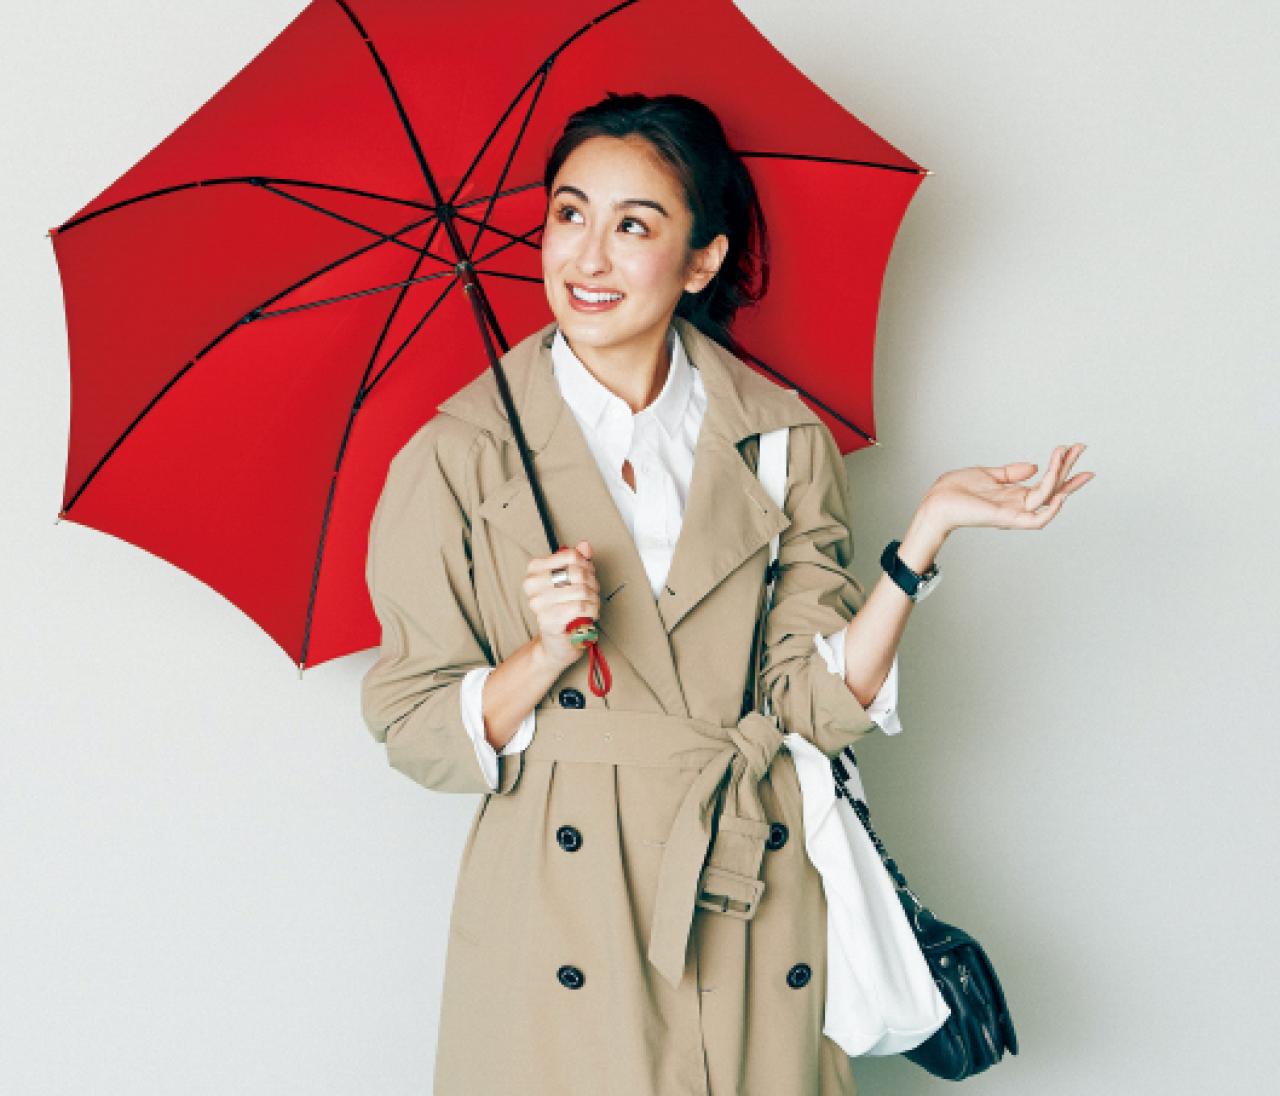 雨でちょっぴり肌寒い日に頼れる【軽アウター&はおりもの】5選